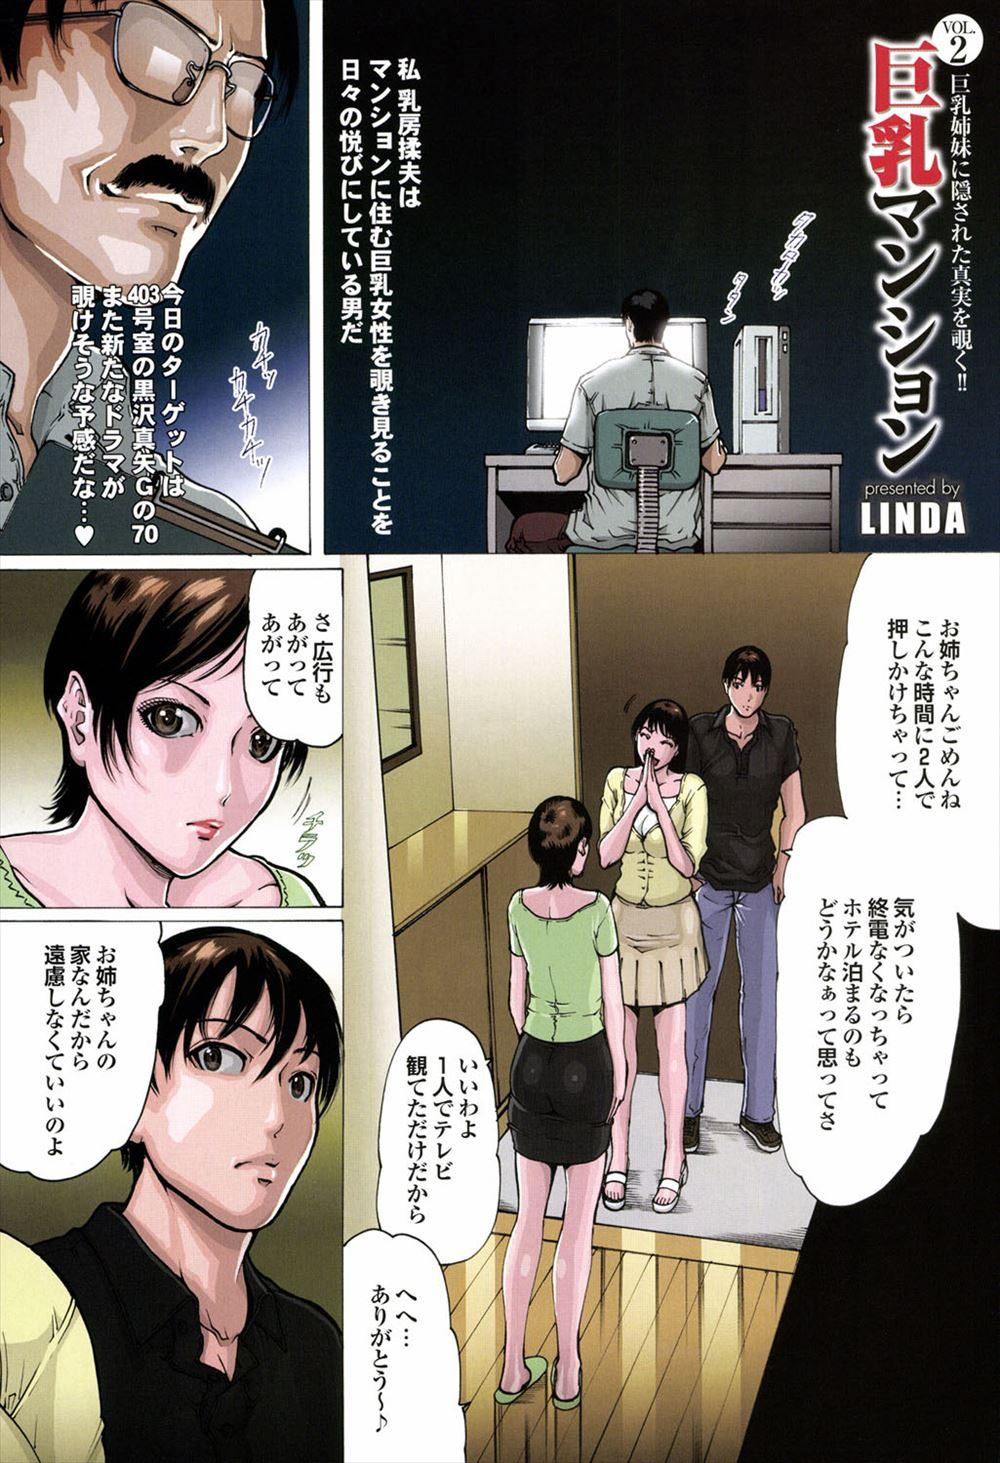 【エロ同人・エロ漫画】今の妹の彼氏と妹に秘密で昔付き合っていた巨乳女性がこっそりセックスwww